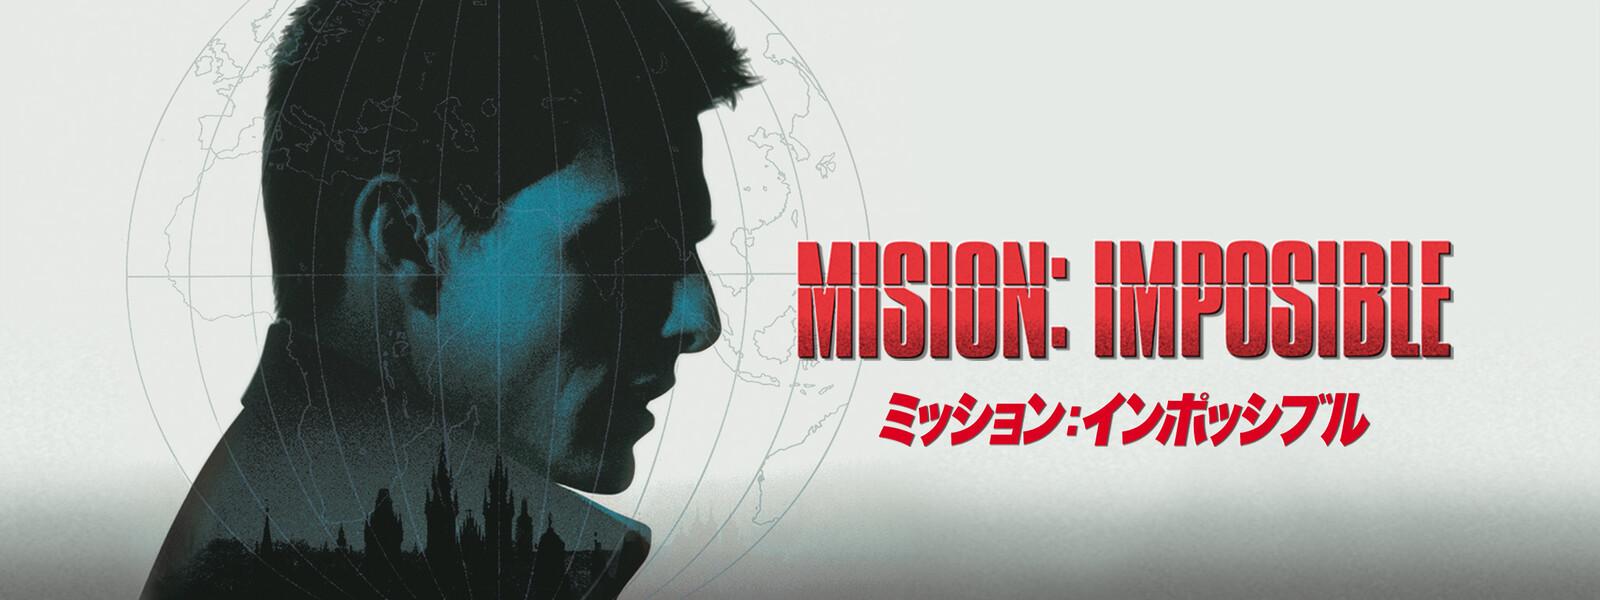 ミッション:インポッシブル が...